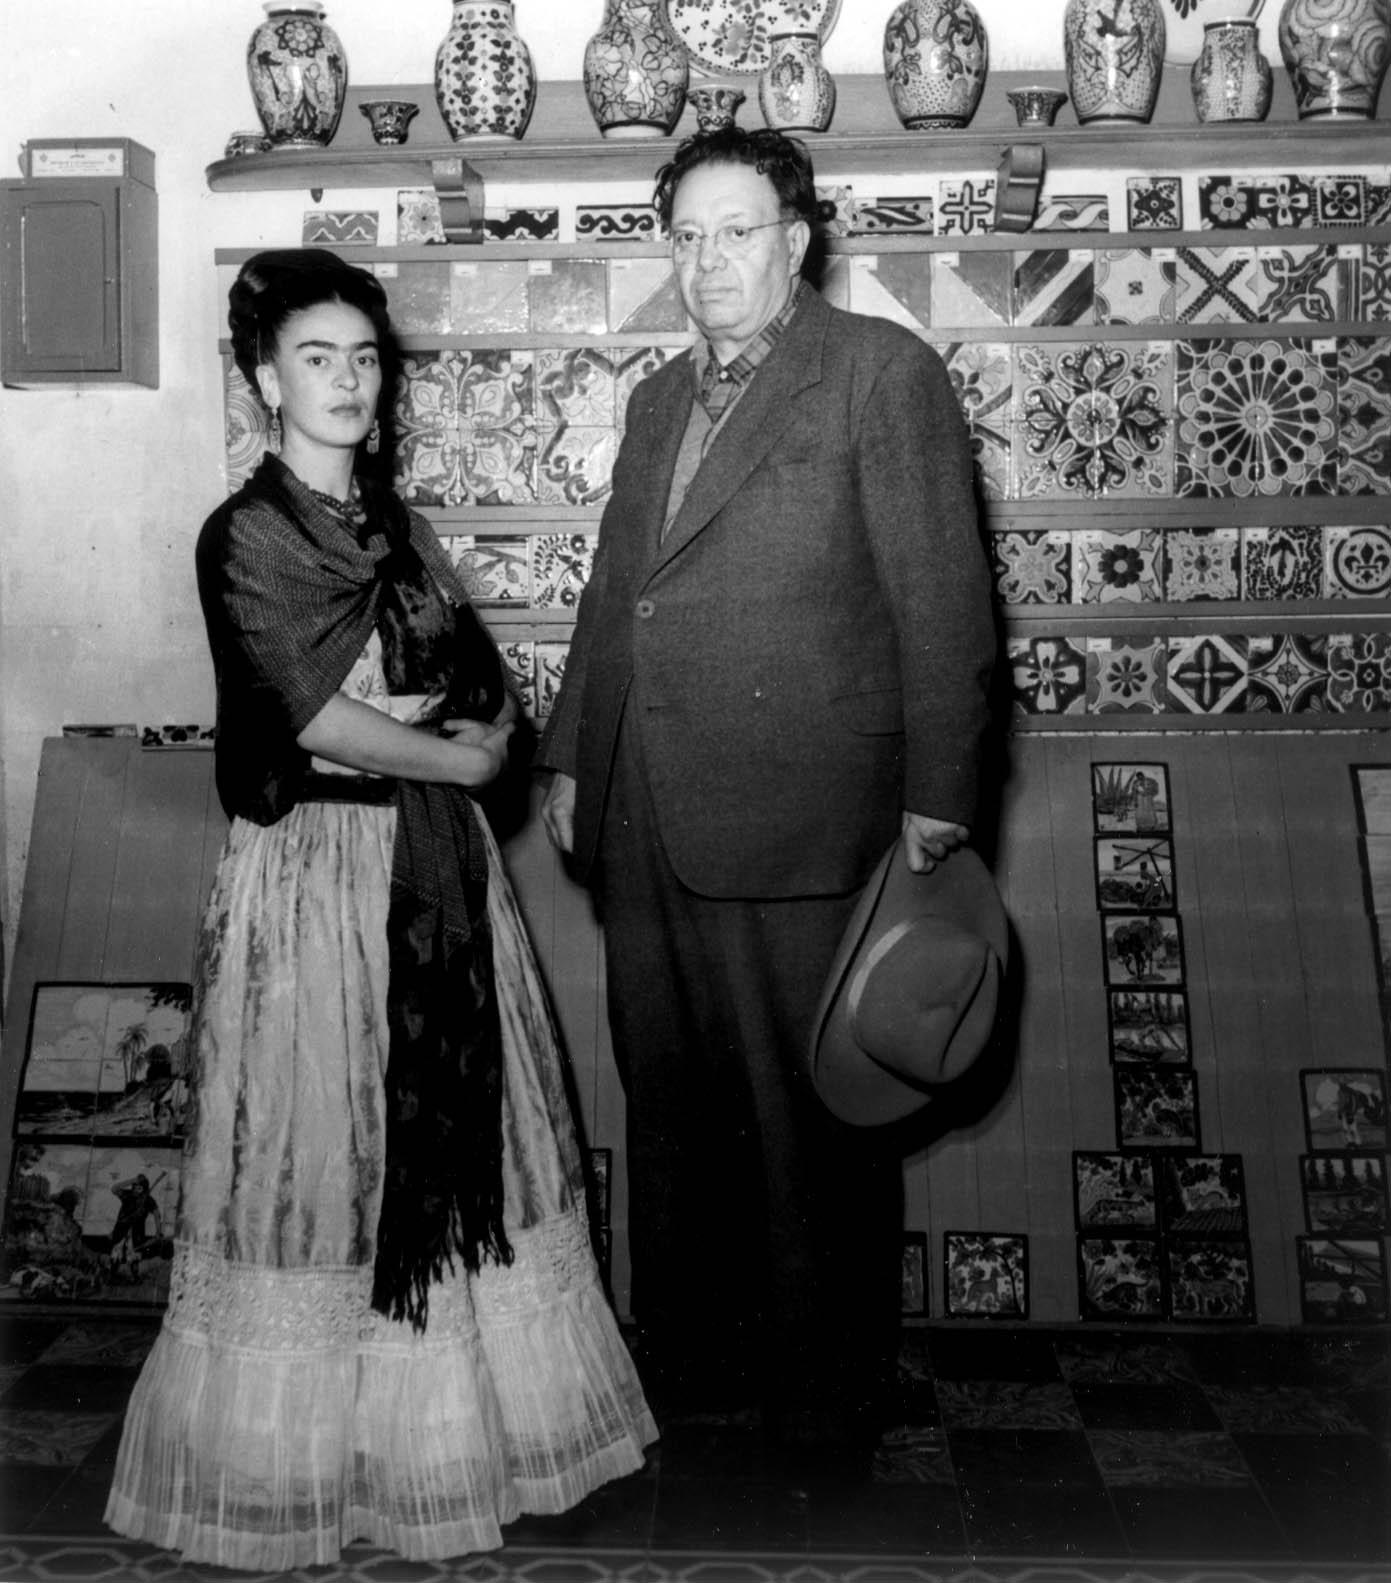 Frida Kahlo and her husband